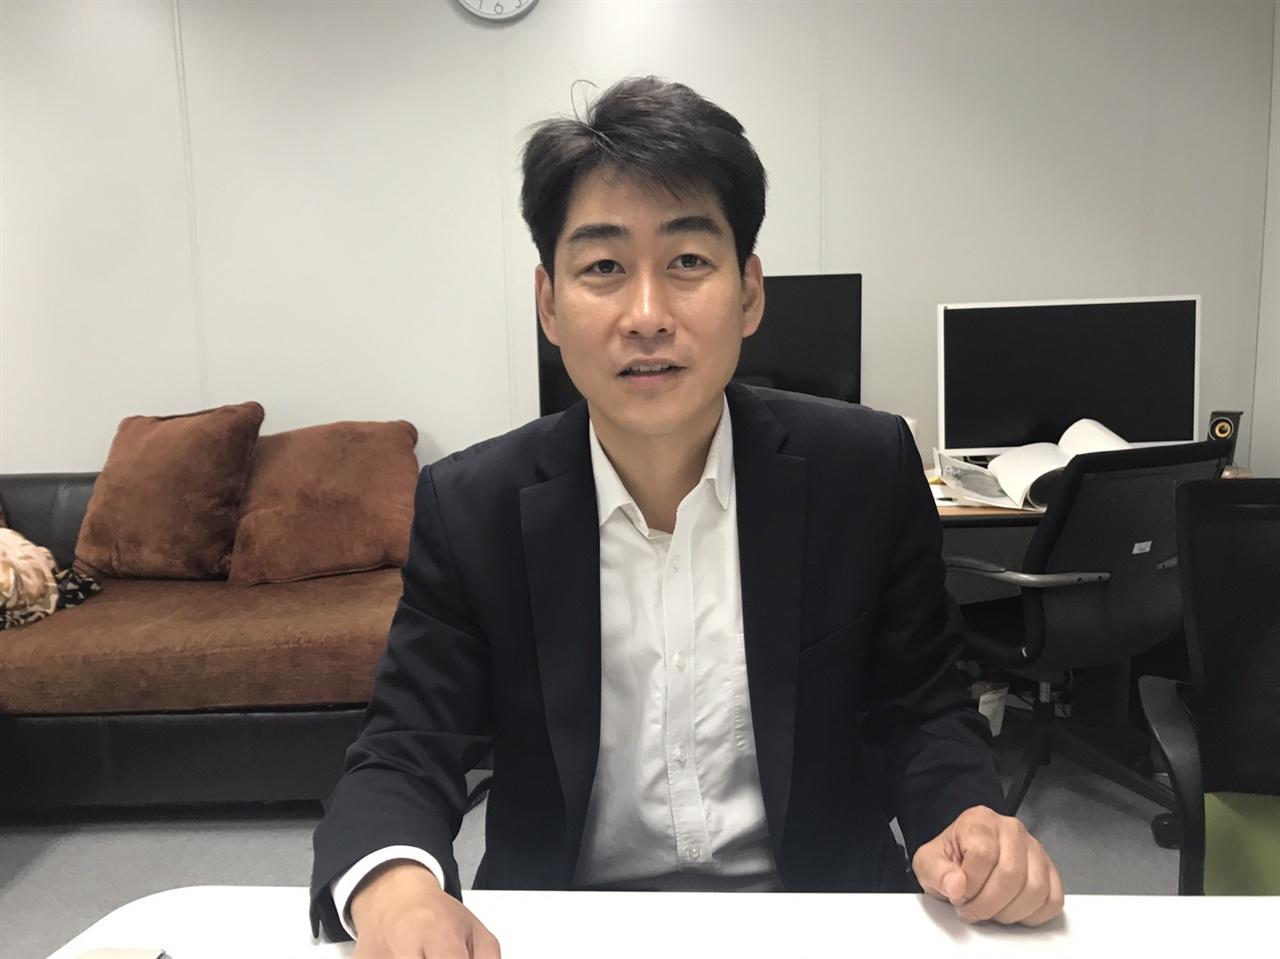 권준기 언론노조 YTN 지부 사무국장